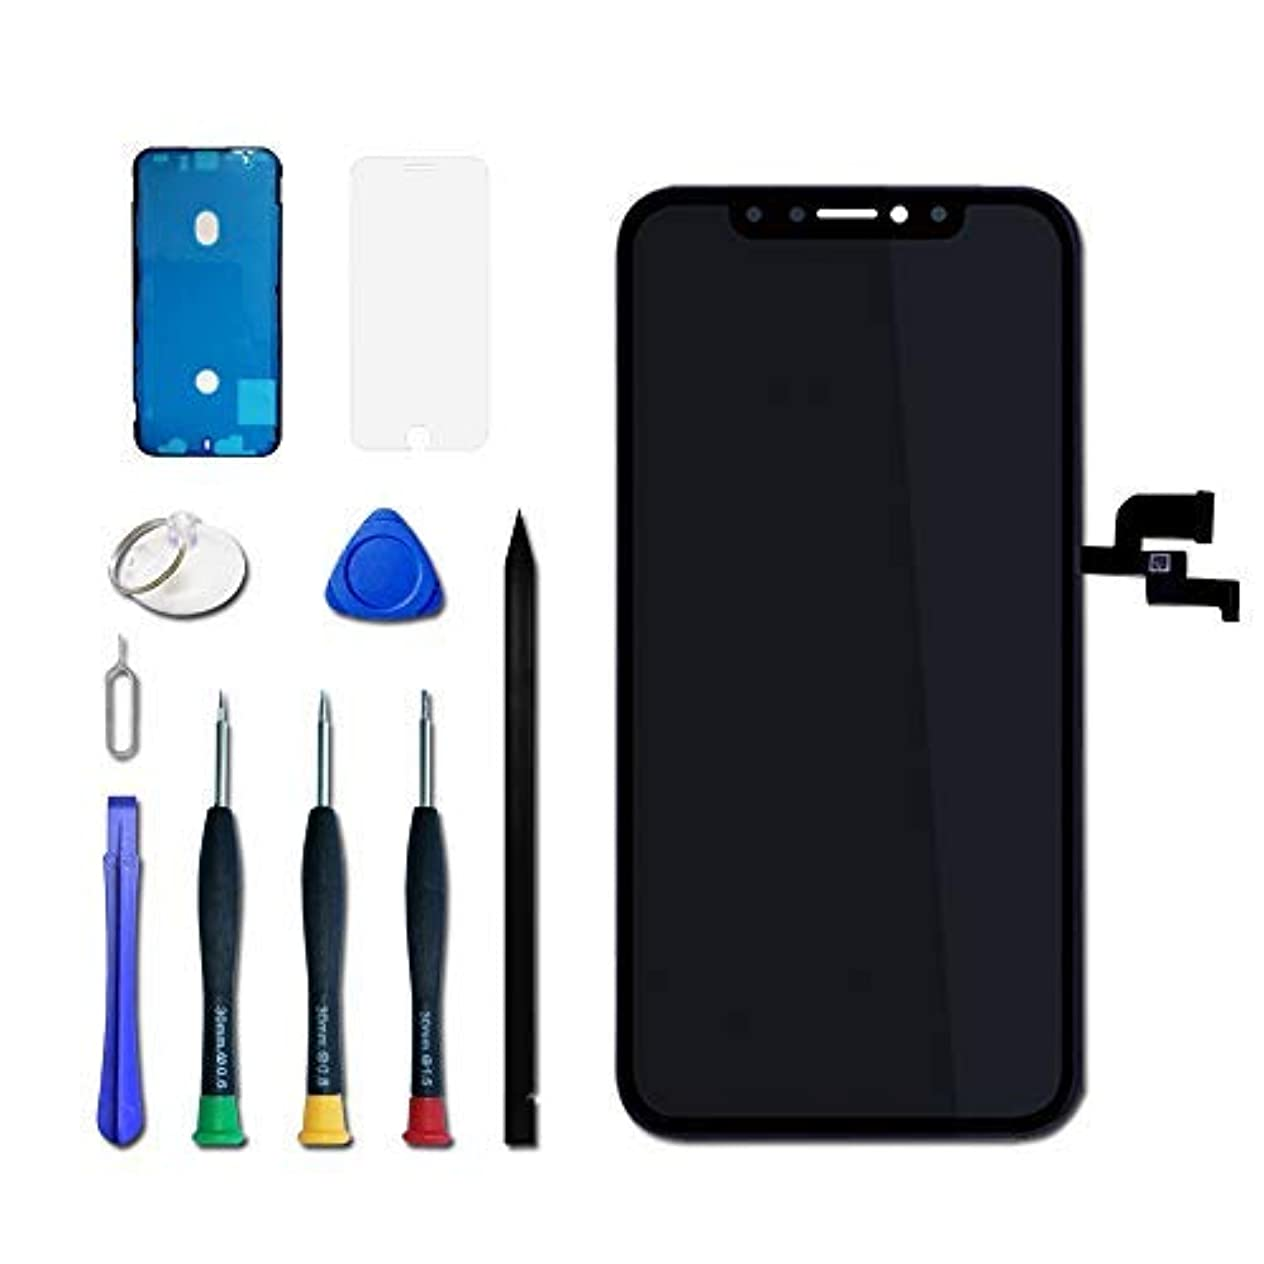 砂のフェンス義務的VANYUST for iPhone X フロント パネル 液晶 画面 OLED ガラス 交換 修理 画面割れ デジタイザ タッチ